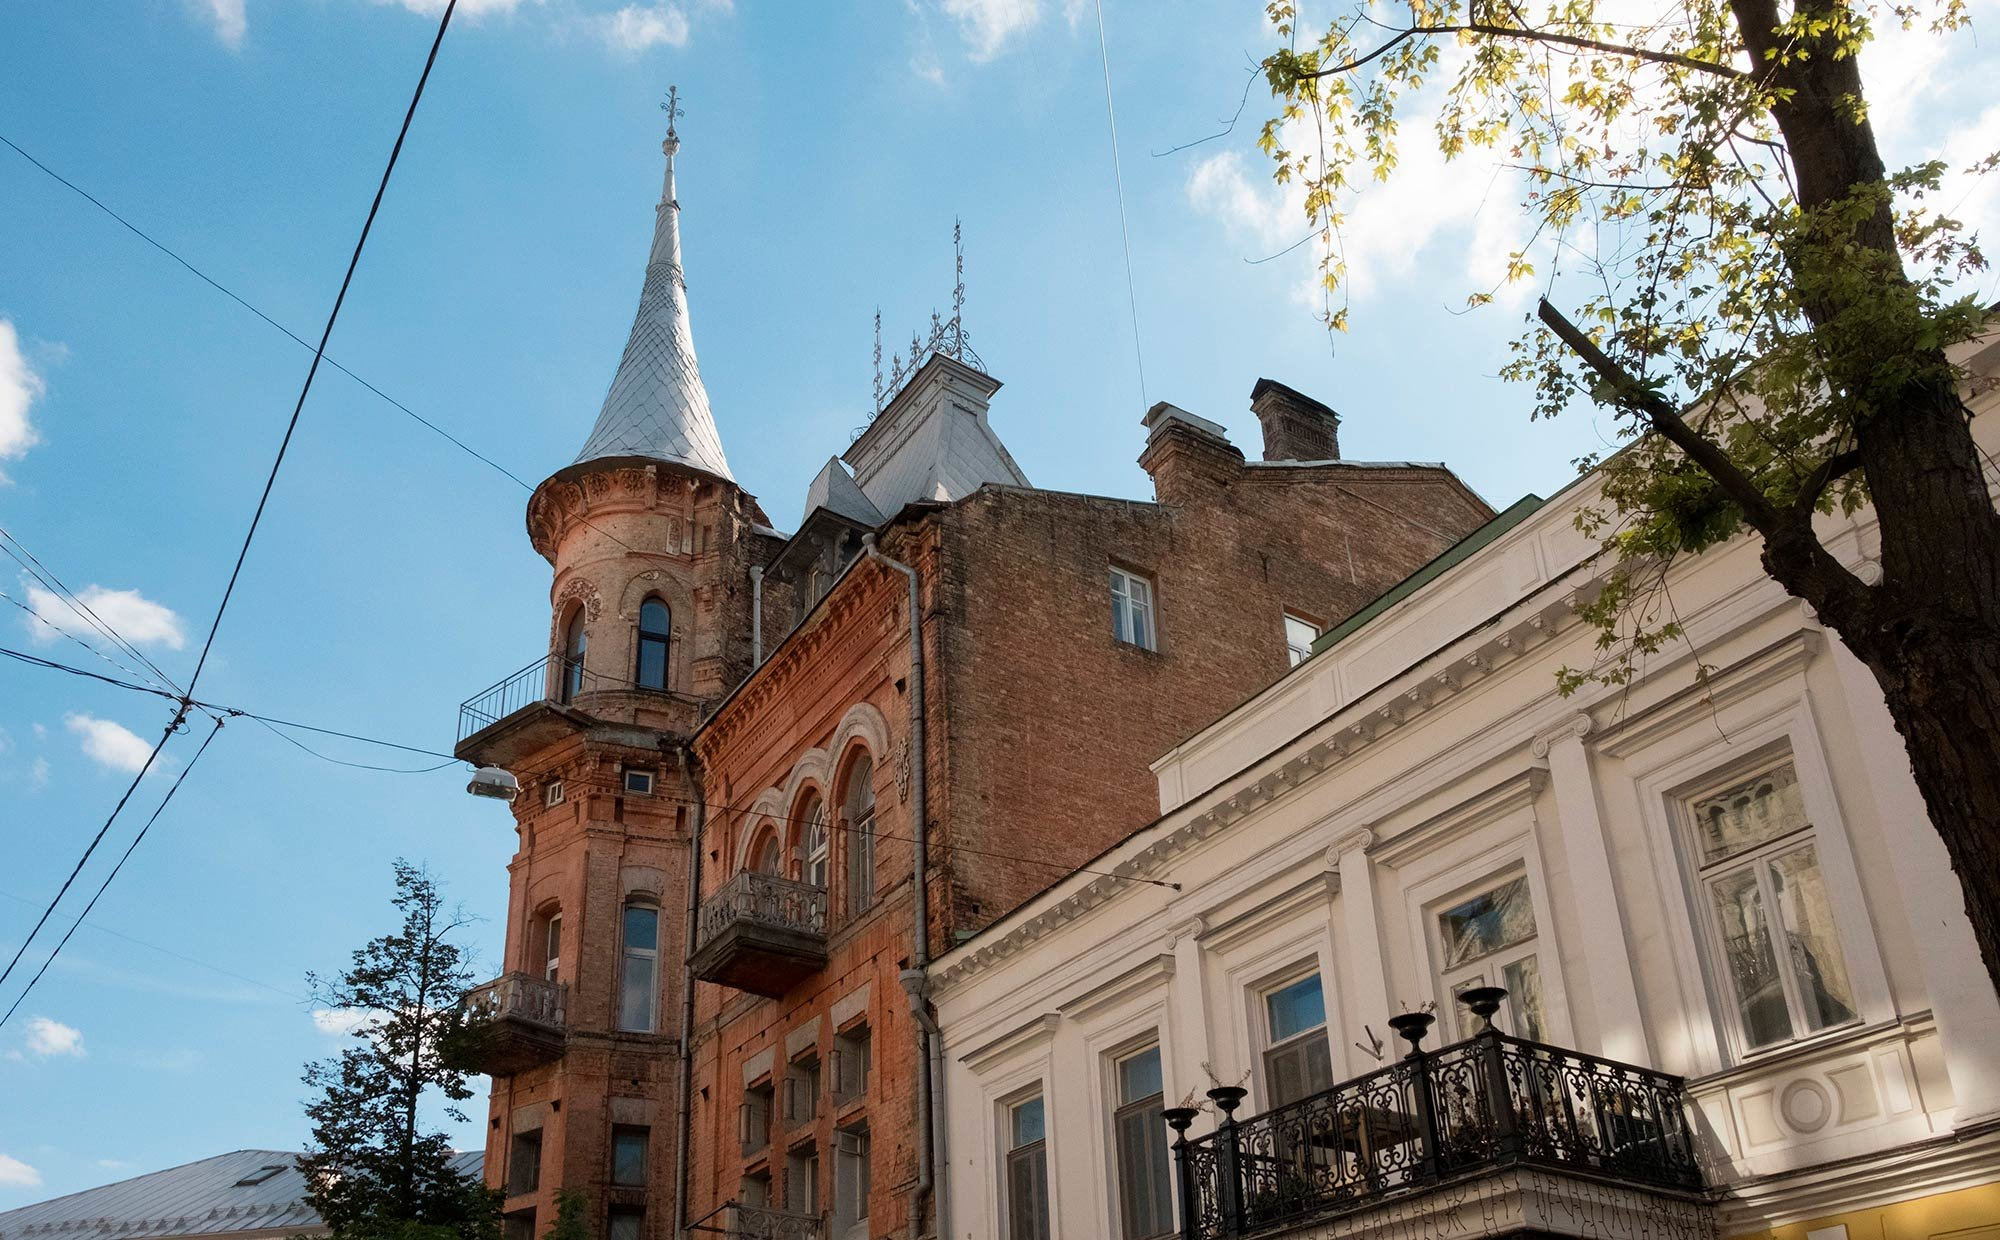 Покинуті та занедбані: пам'ятки Києва на межі руйнації